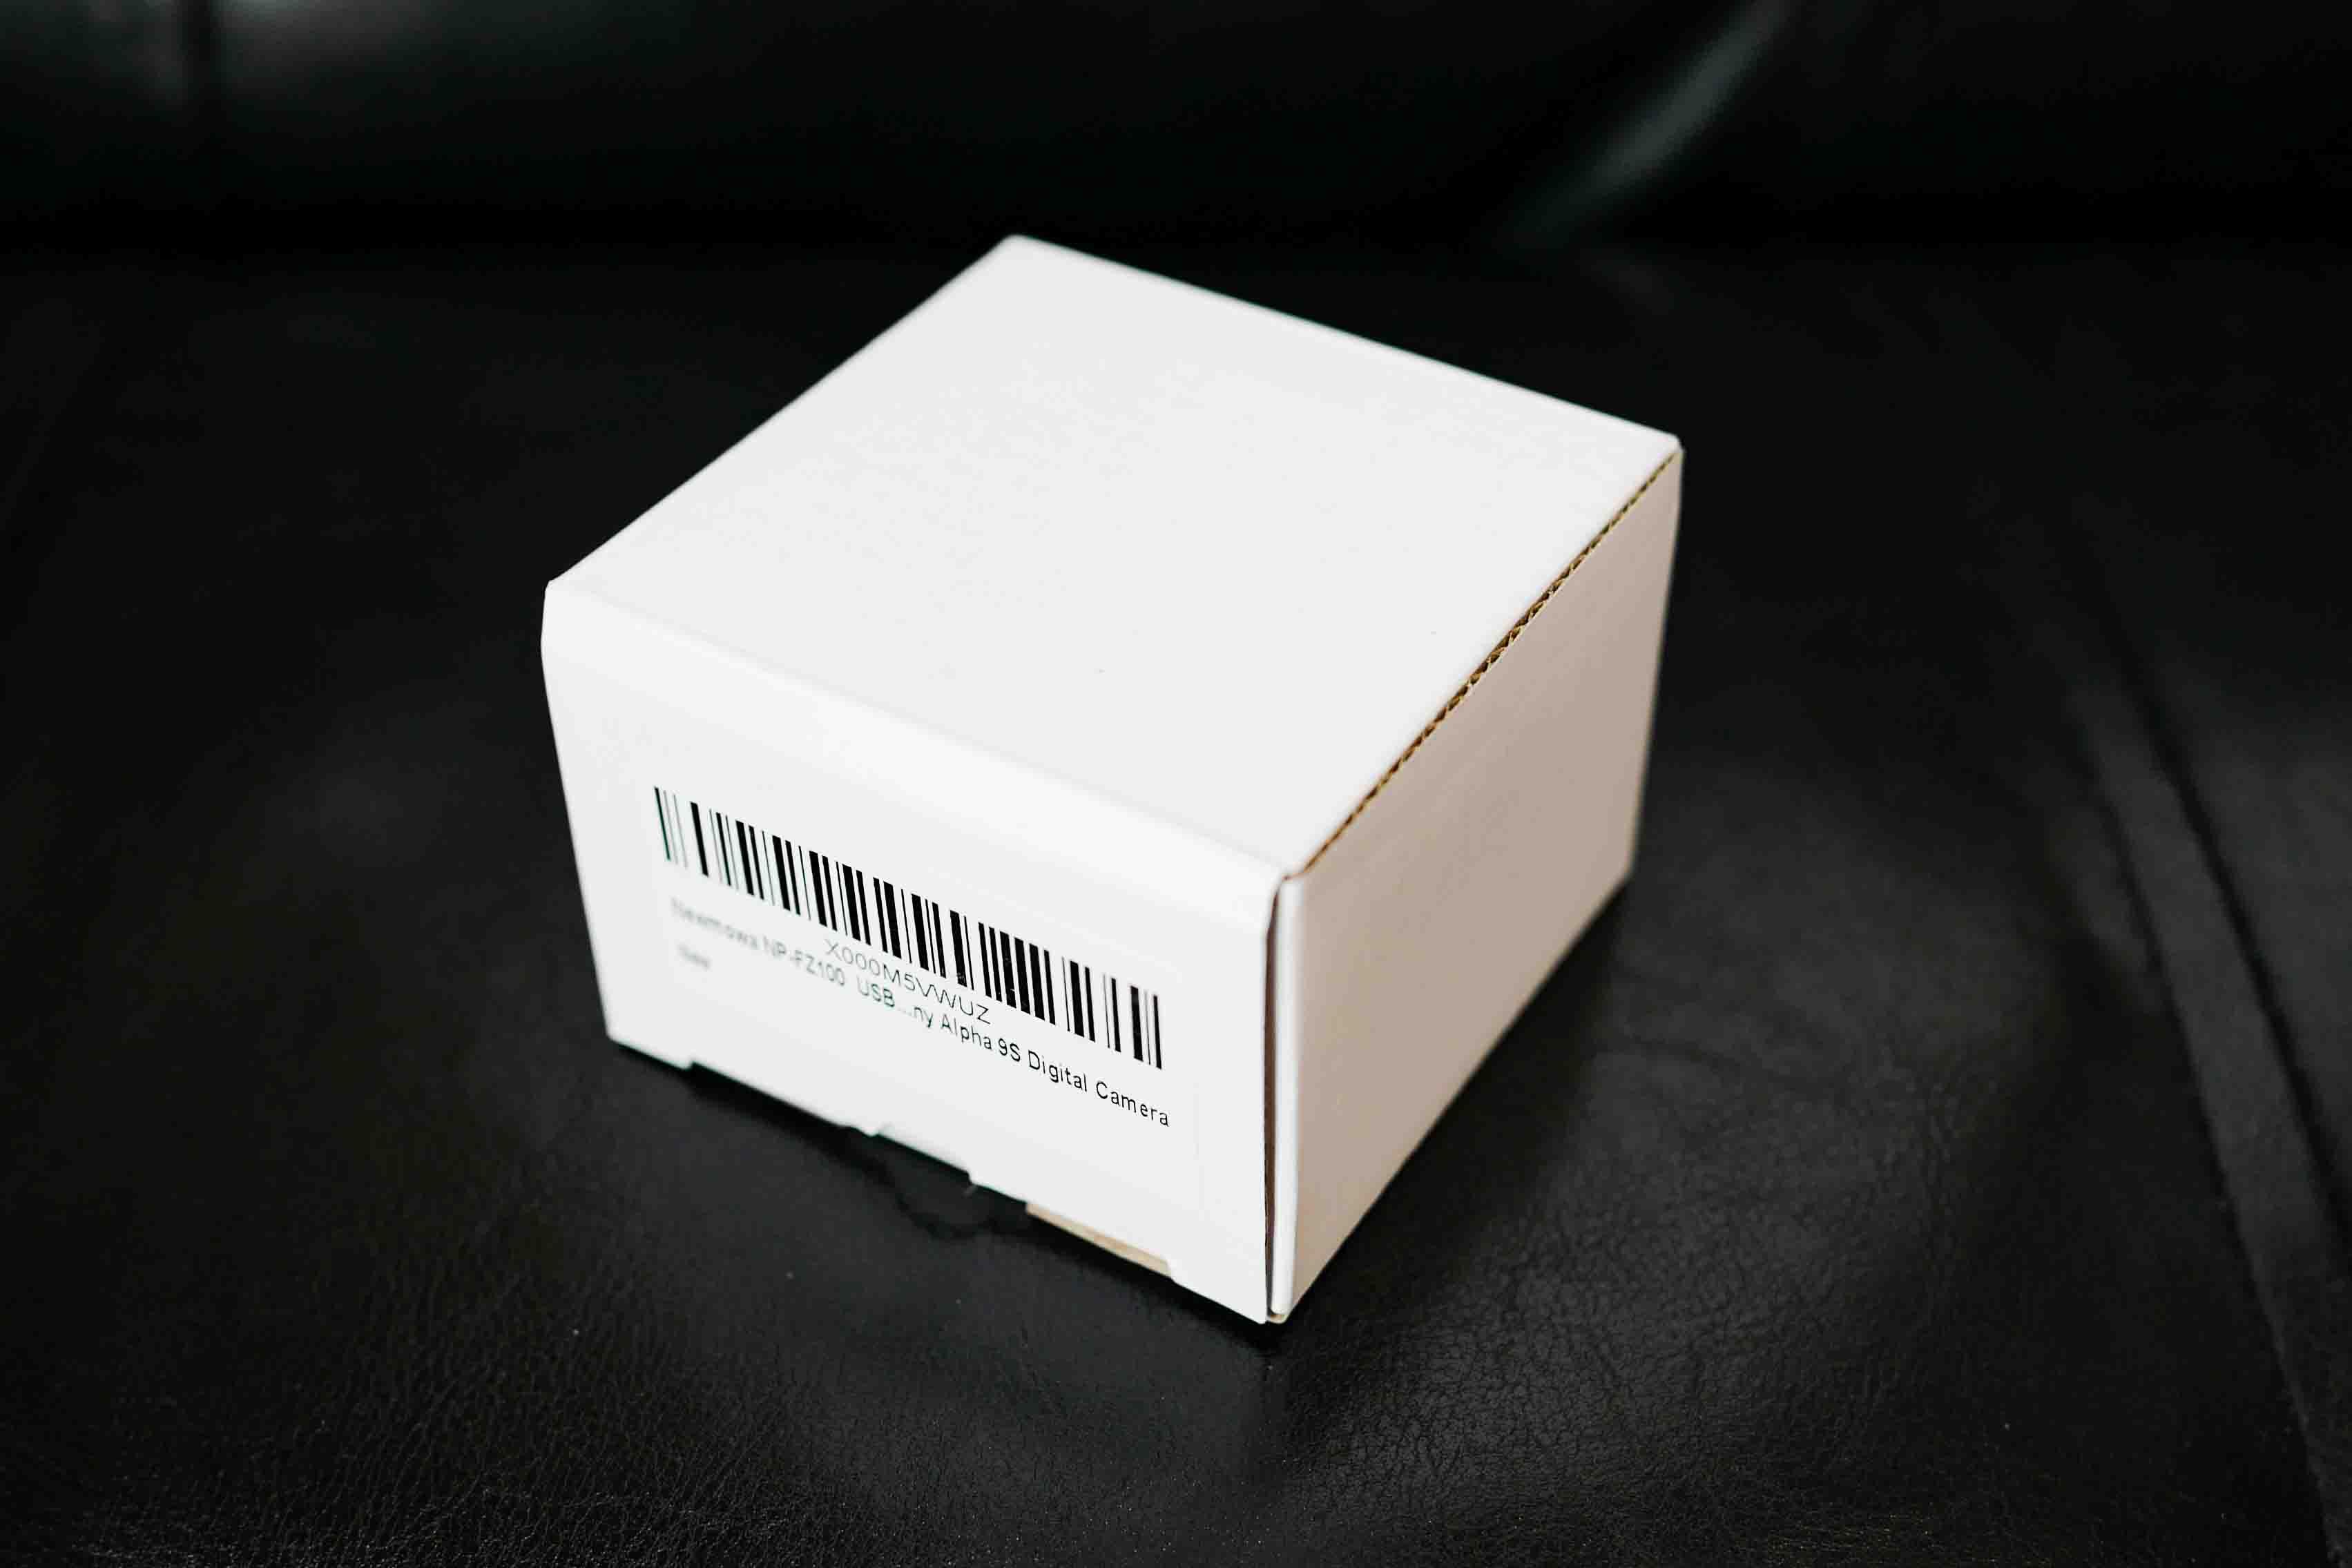 α7Ⅲの充電器を安くゲット!Newmowa NP-FZ100 対応 USB充電器 デュアルチャネル バッテリーチャージャー 互換急速充電器